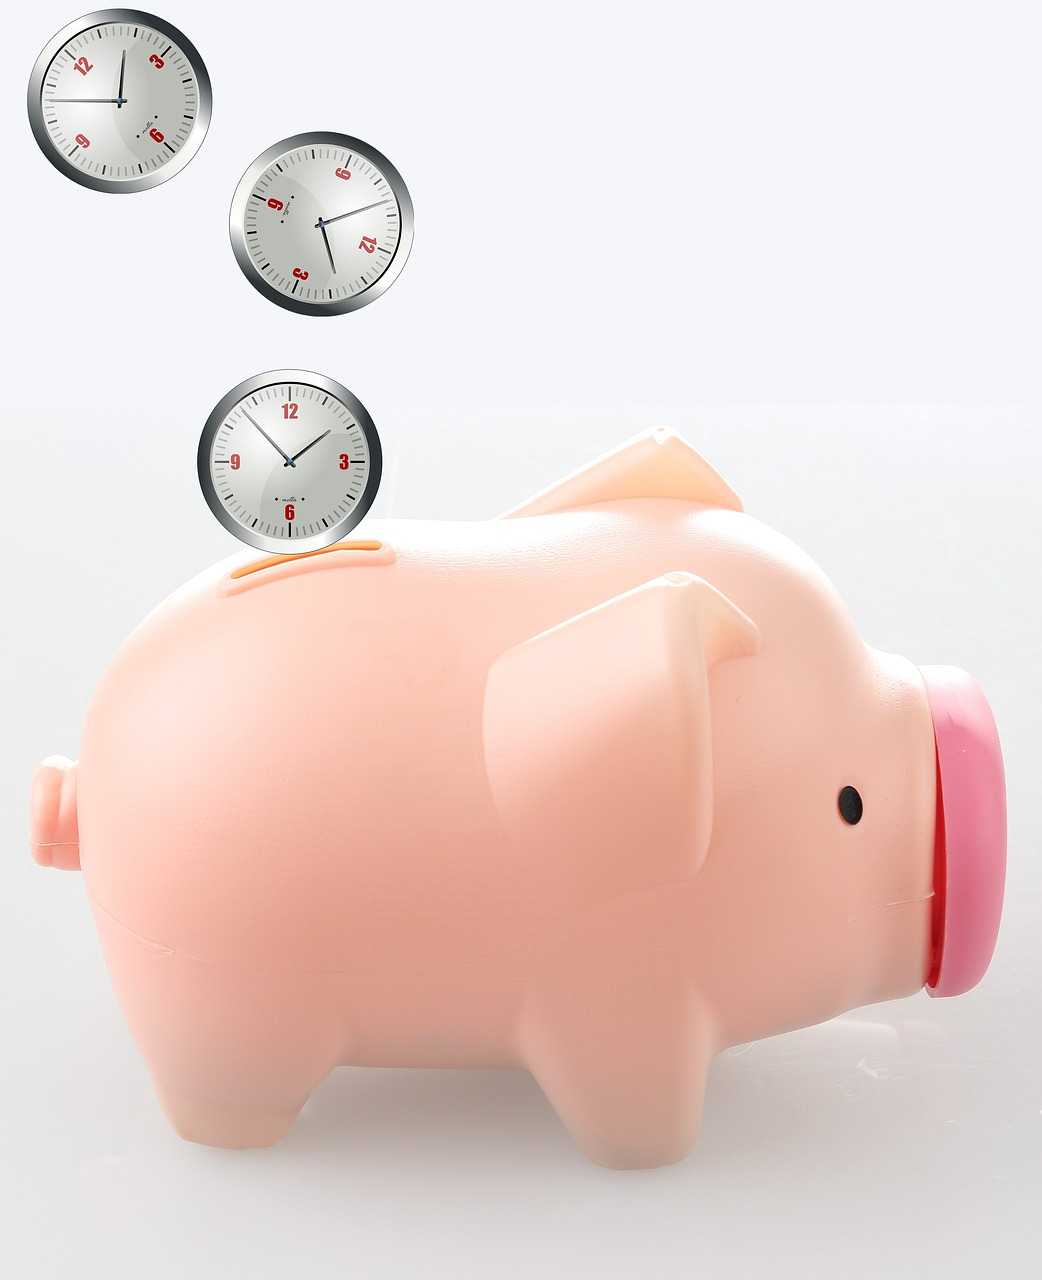 いま「ひと手間」かけて将来の時間を節約する〜「ひと手間」の時間は投資〜